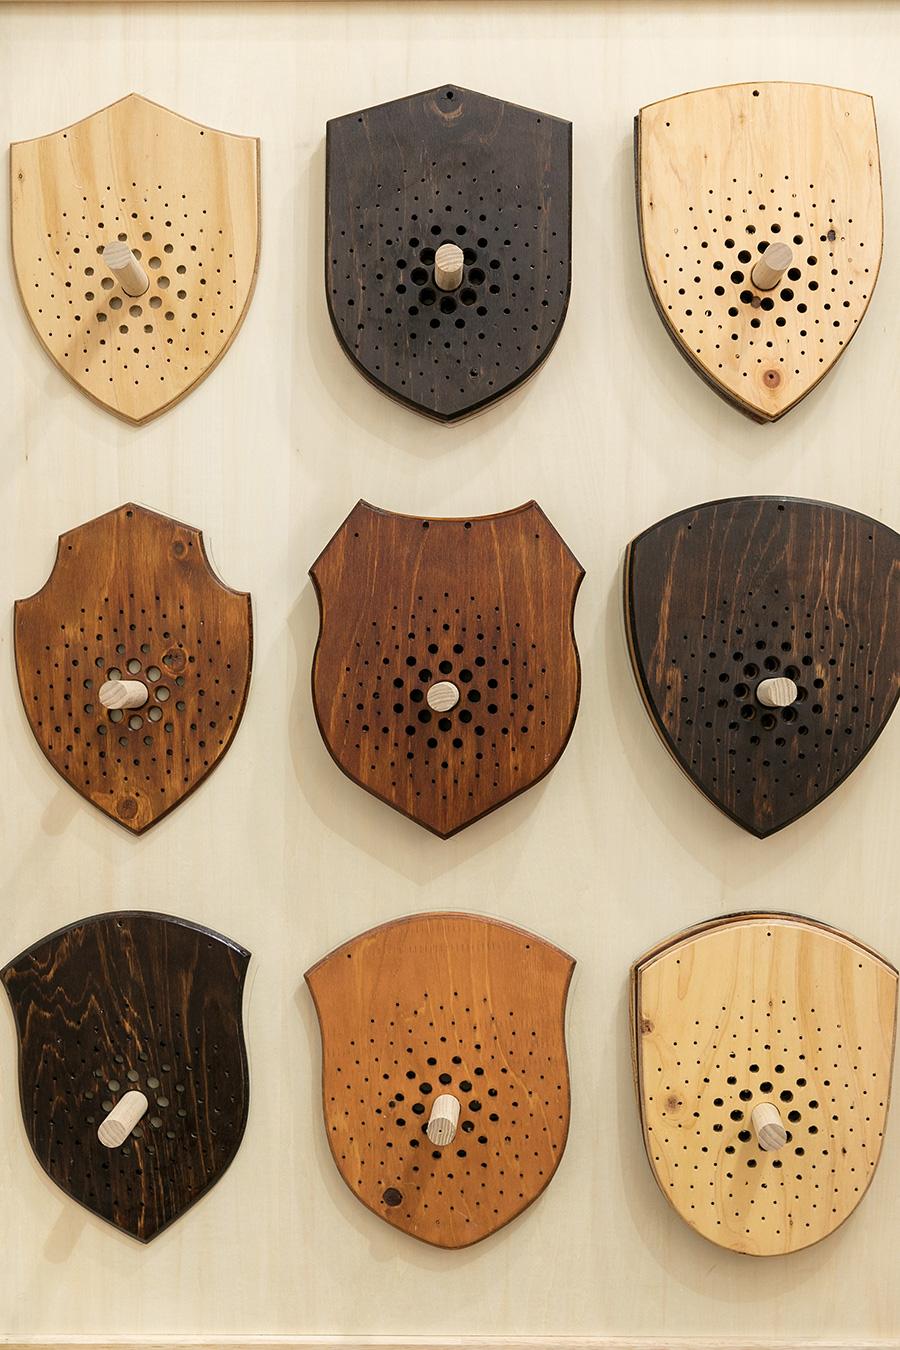 『Flying』のビカクシダを植え付けるためのプレート。9種類の形、クリア、ライトブラウン、ダークブラウンの3色から選べる。木材は何種類かテストして、現在は針葉樹の合板を使用。